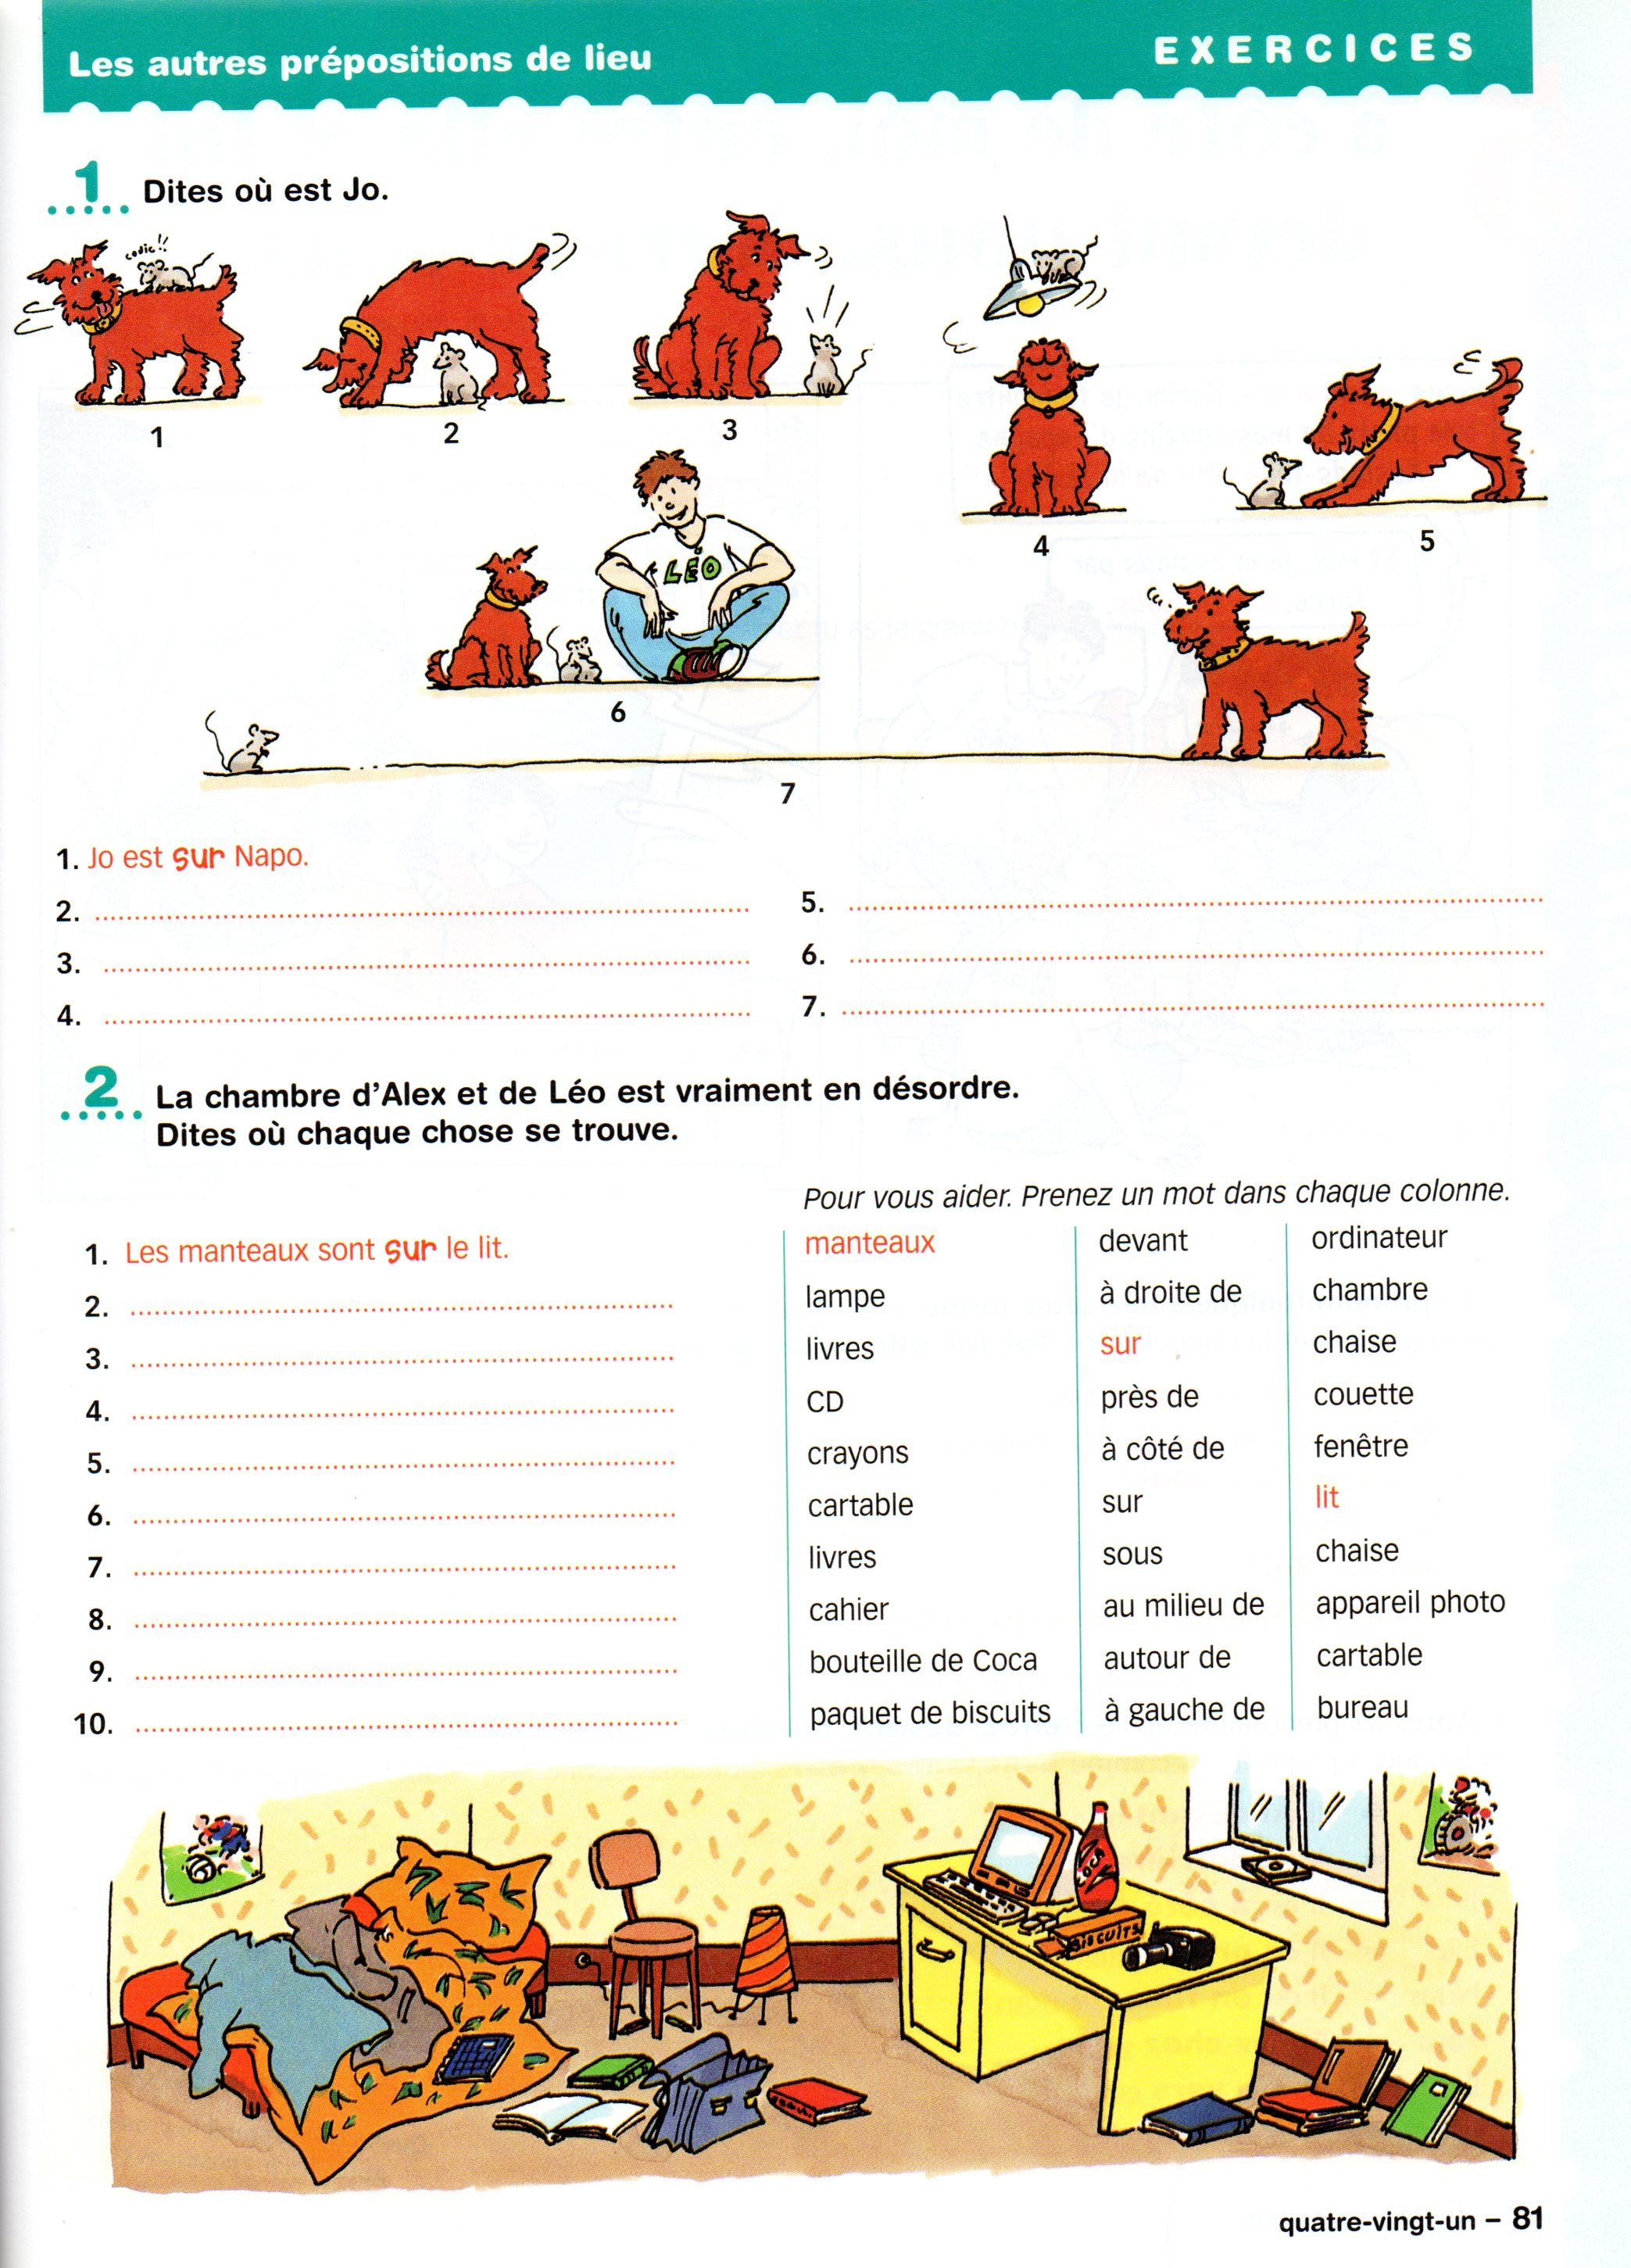 Exercices Sur Les Prepositions De Lieu Ensenanza De Frances Clases De Frances Aprender Frances